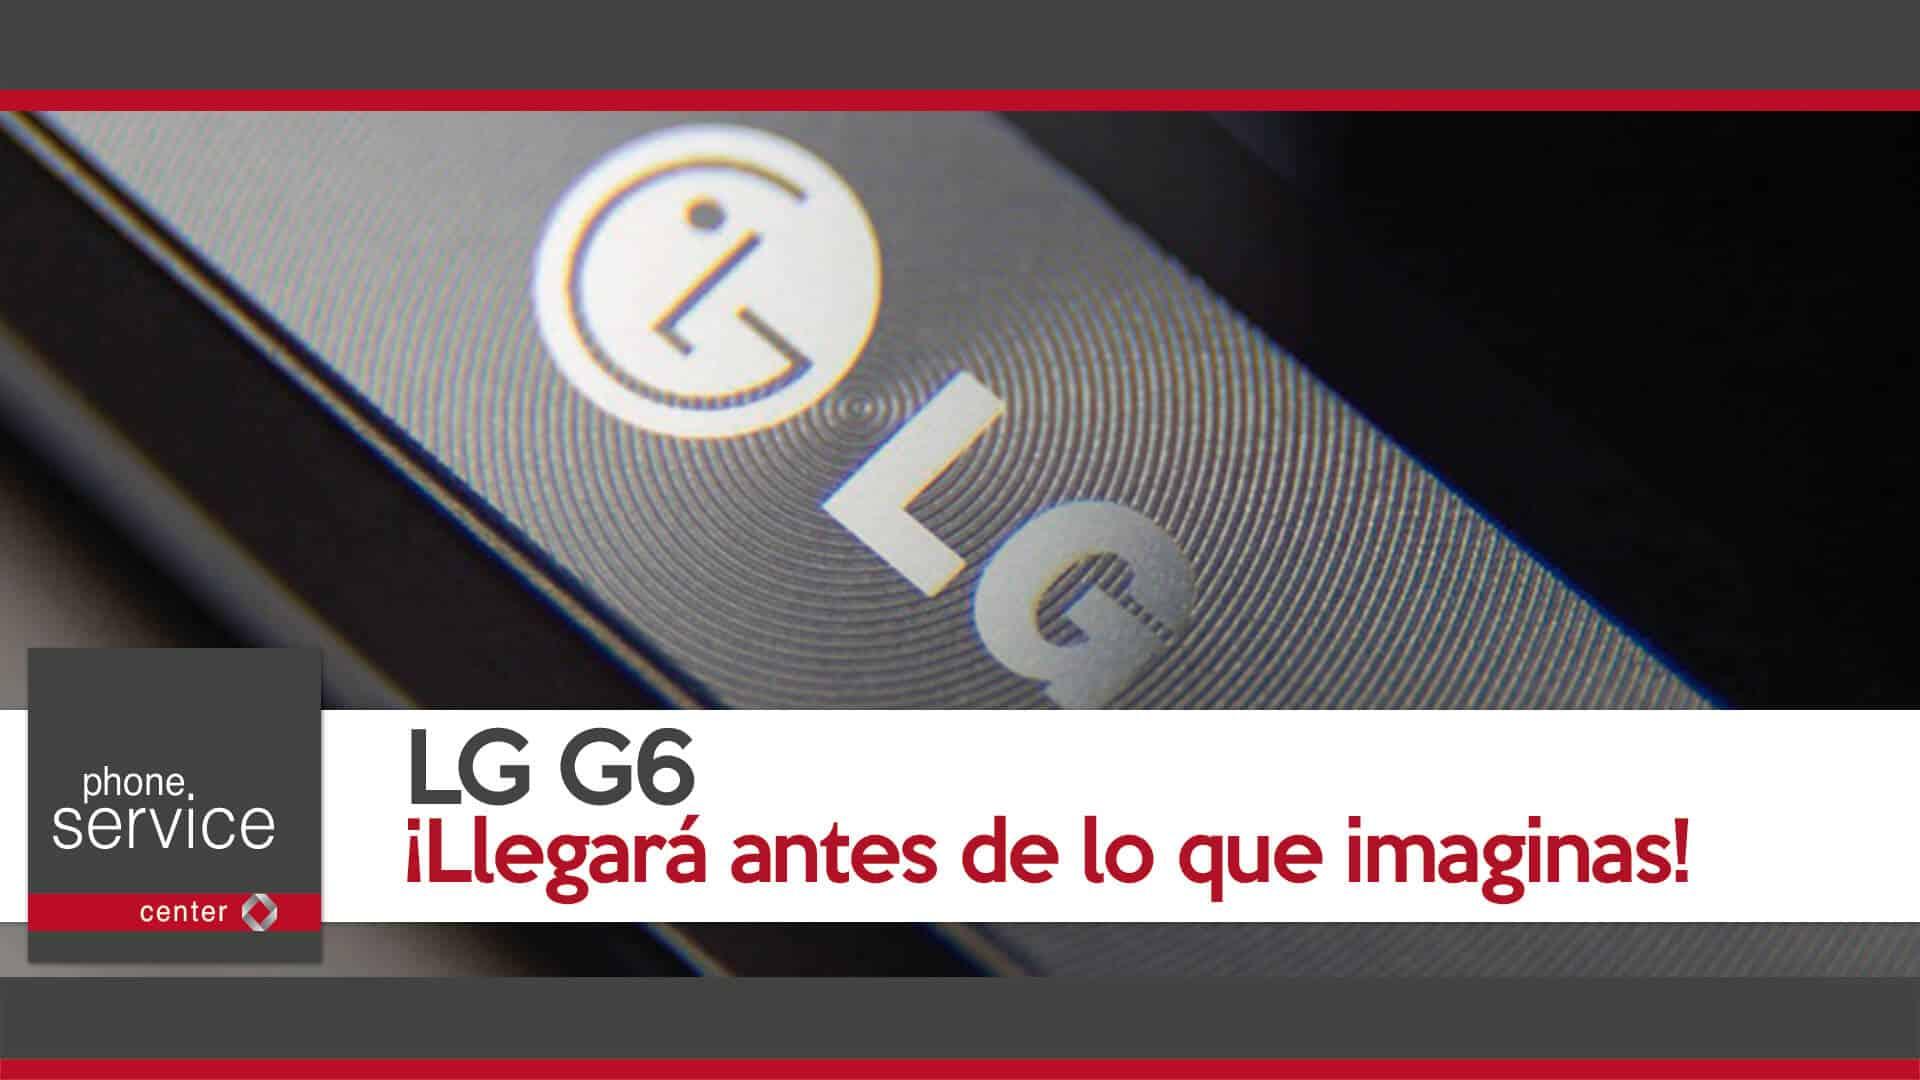 lg-g6-llegara-antes-de-lo-que-imaginas